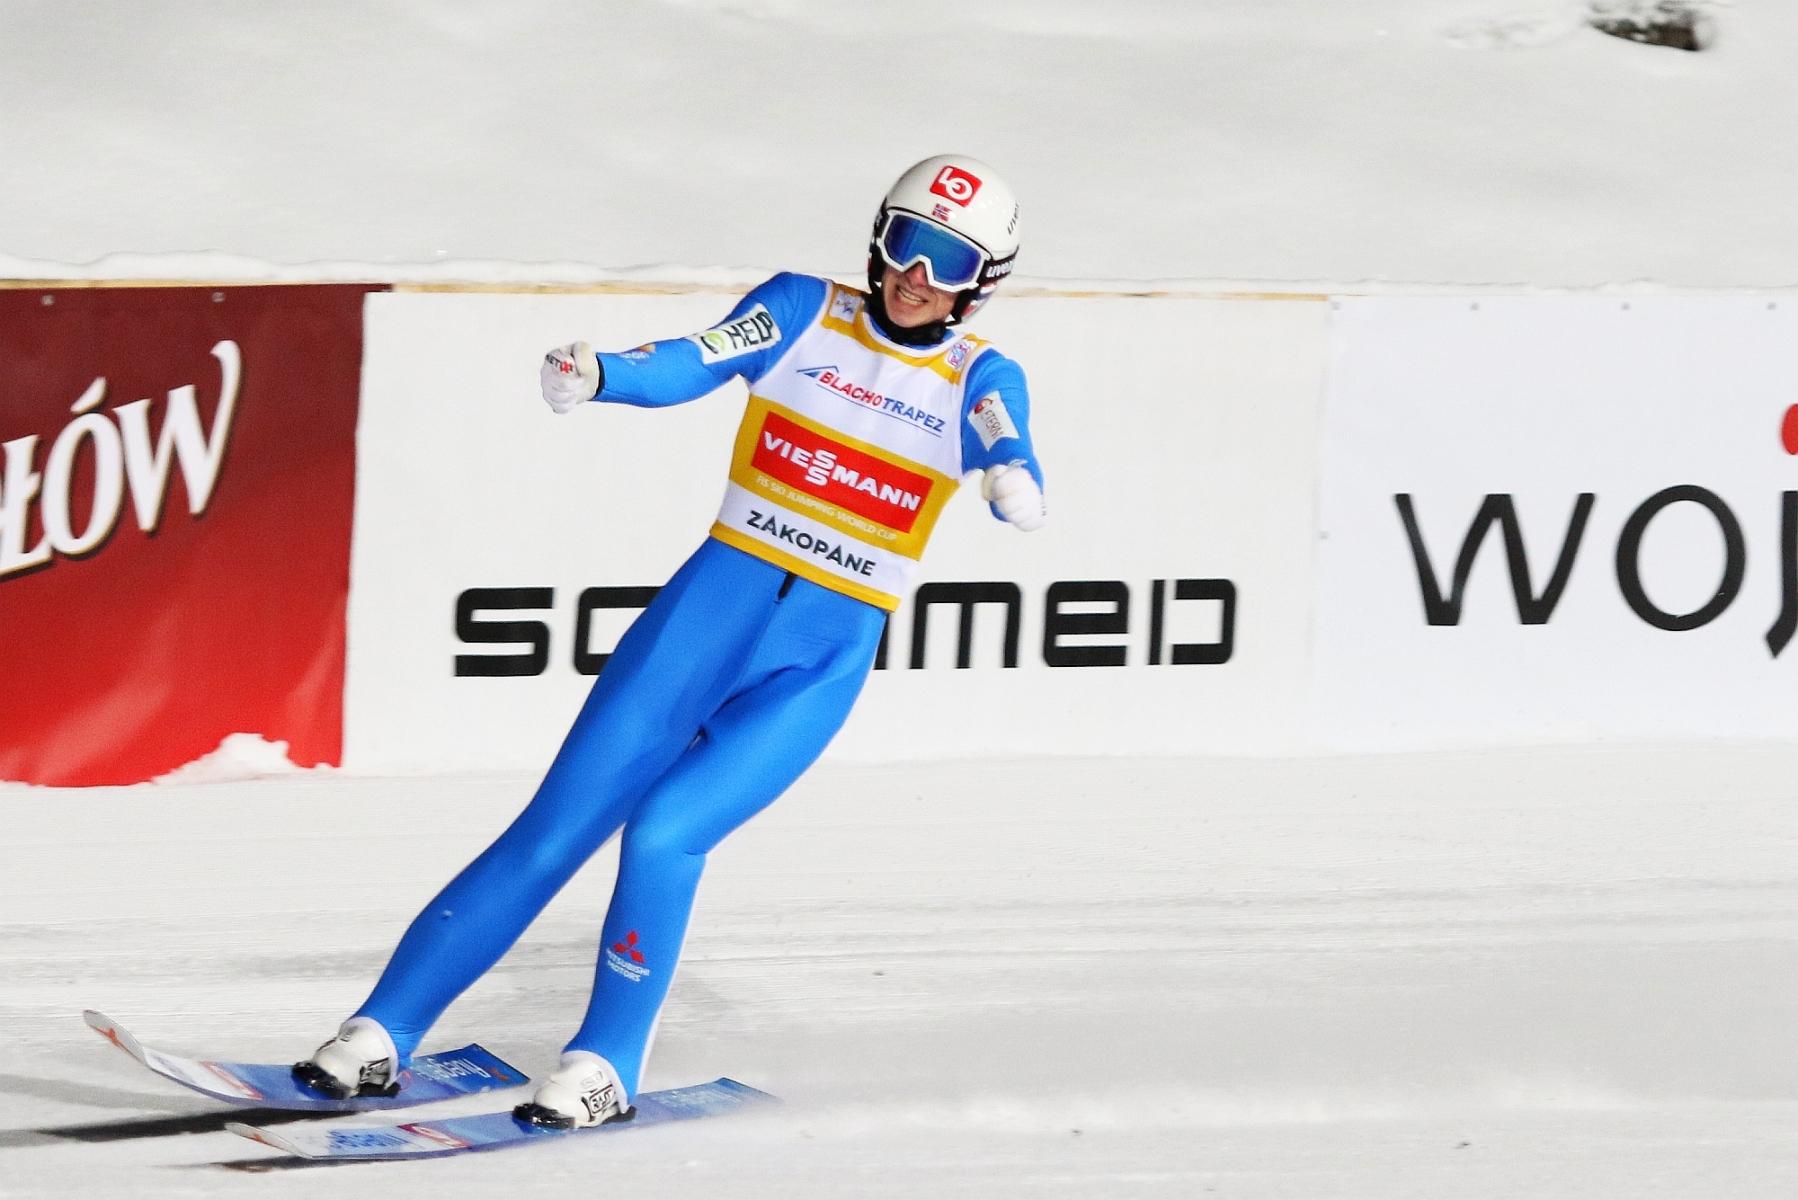 Puchar Swiata Zakopane2021 2weekend 2konkurs fotJuliaPiatkowska 105 - Trener Stöckl zdecydował. Znamy norweską szóstkę na mistrzostwa świata